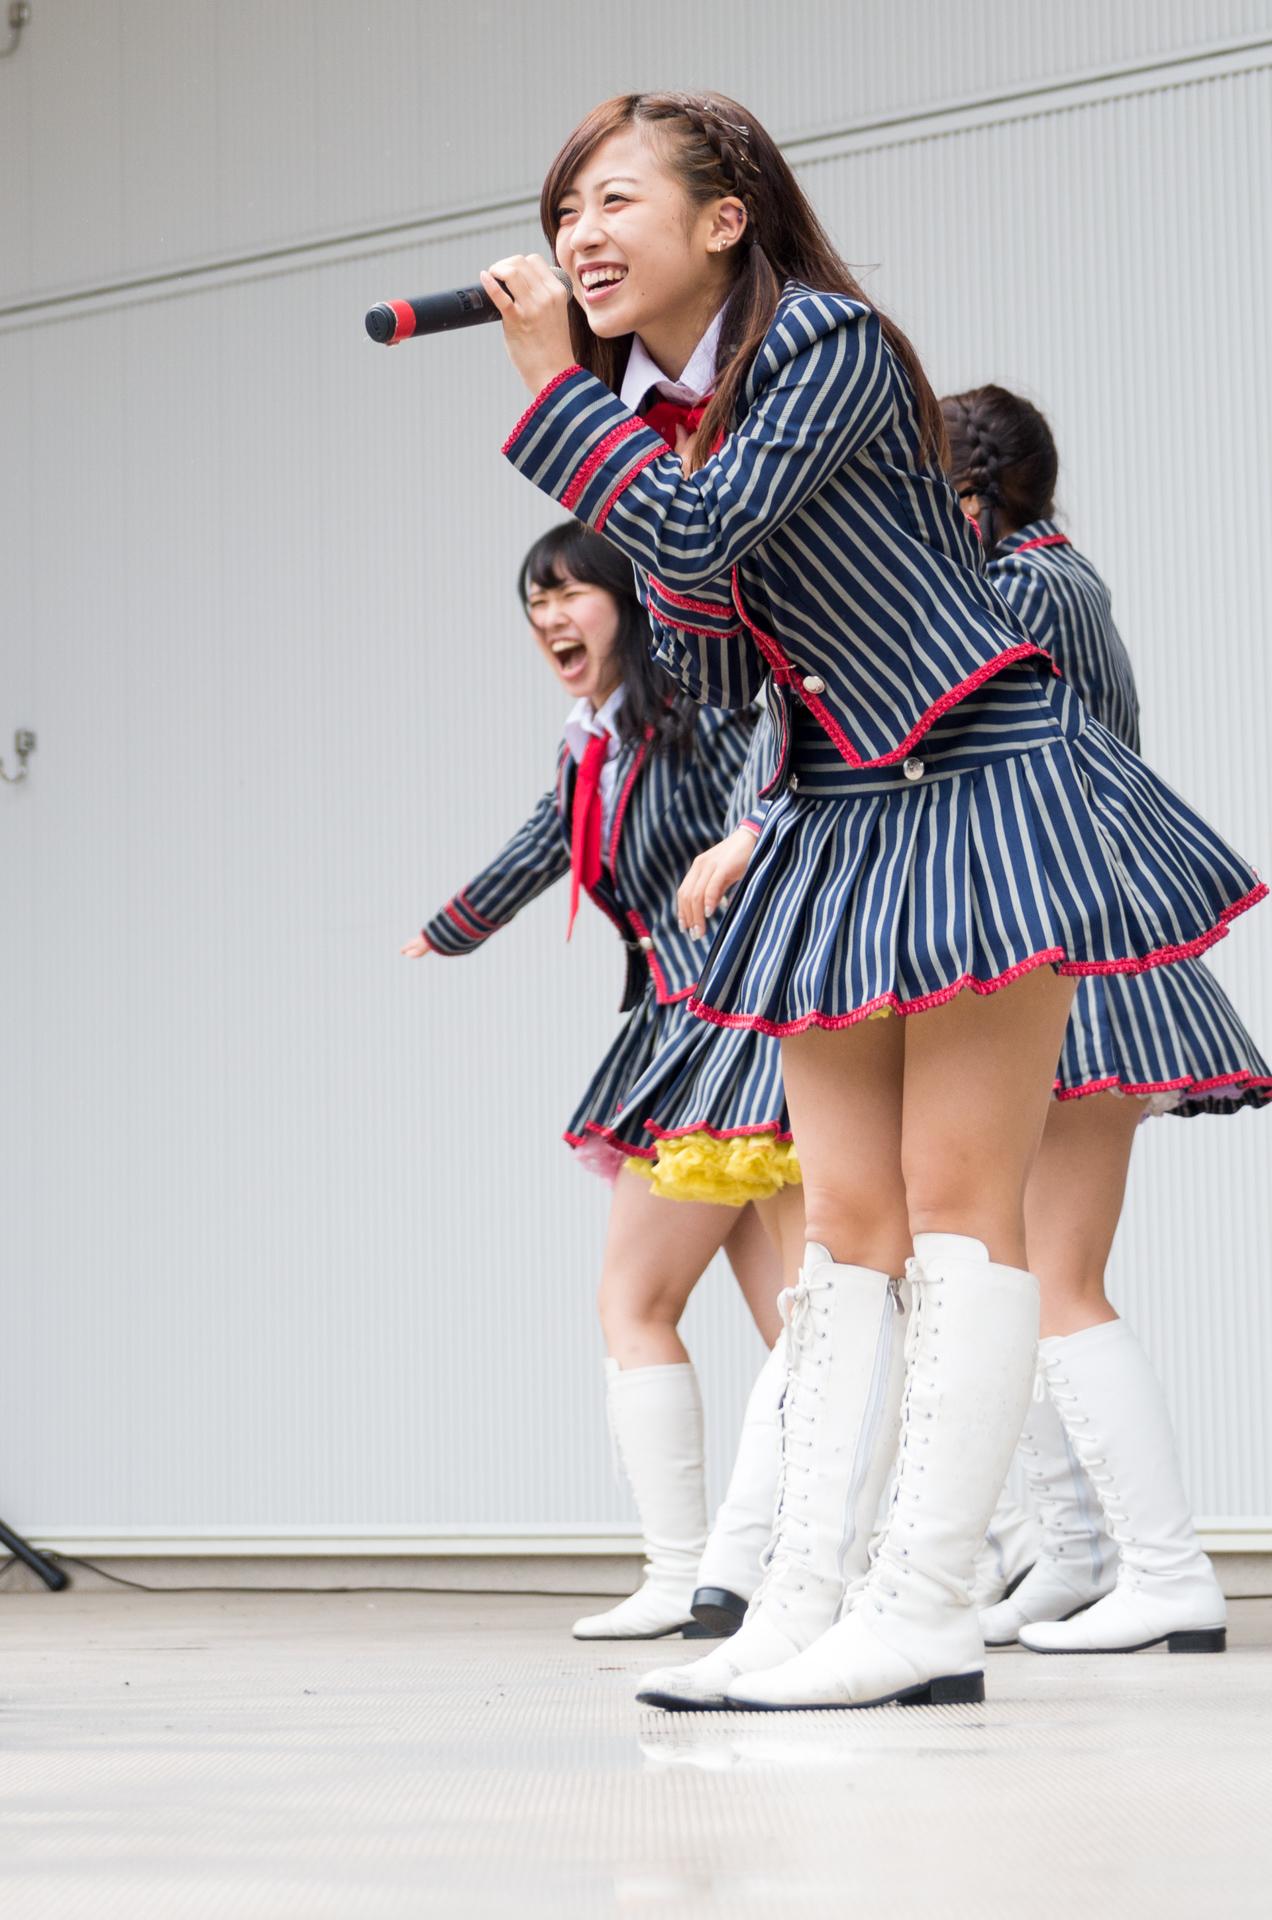 フルーティー♡ さい ( 北出彩 )   アイドルライブ in 円山動物園